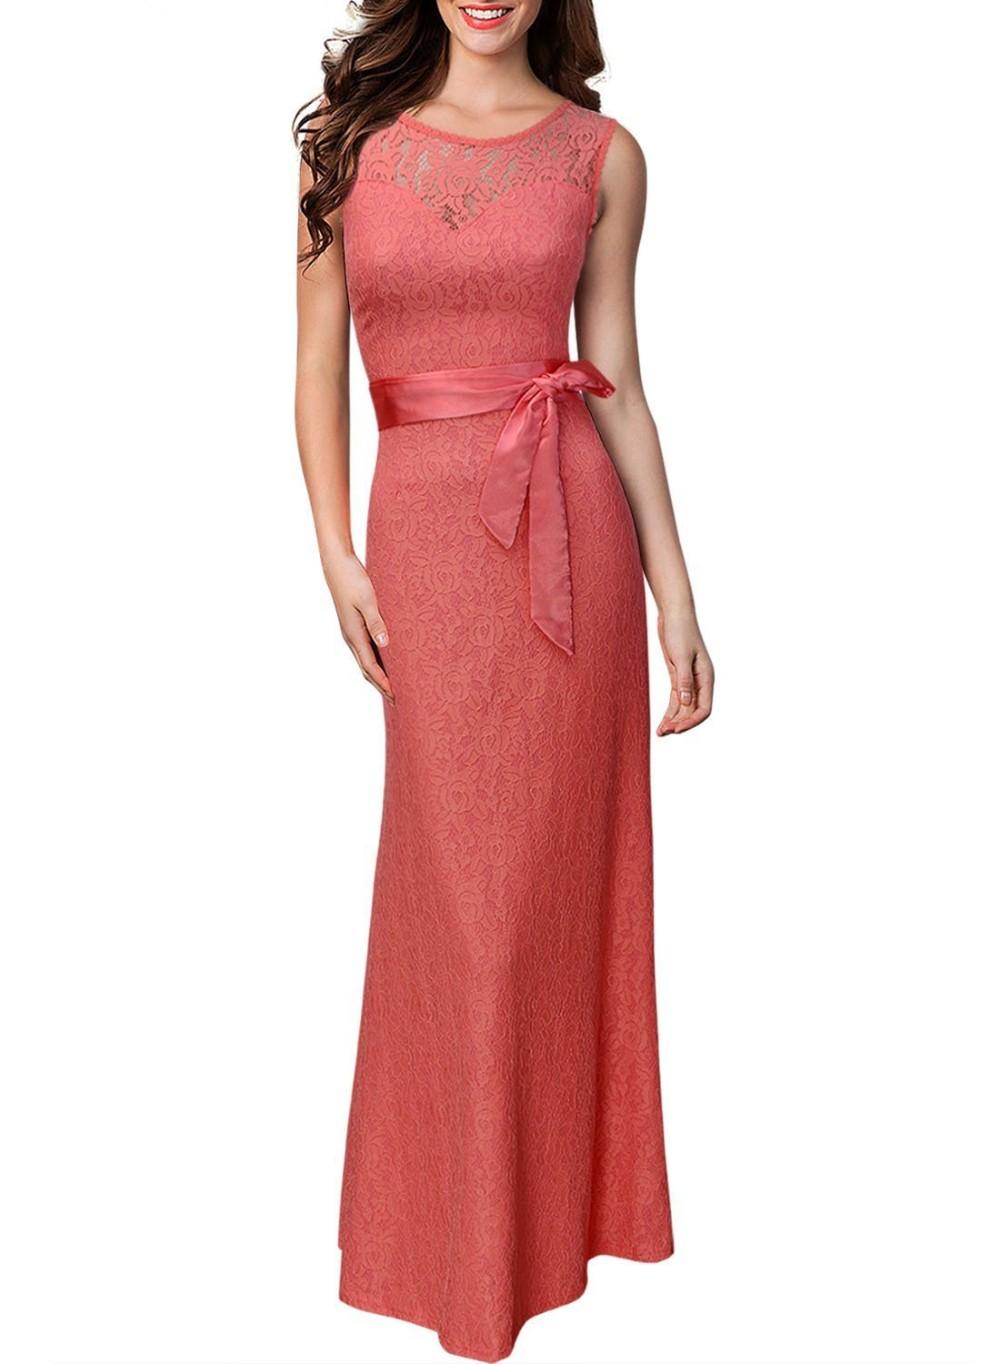 7db8702f34 Sukienka długa wizytowa koronkowa studniówka zielona czerwona czarna ...